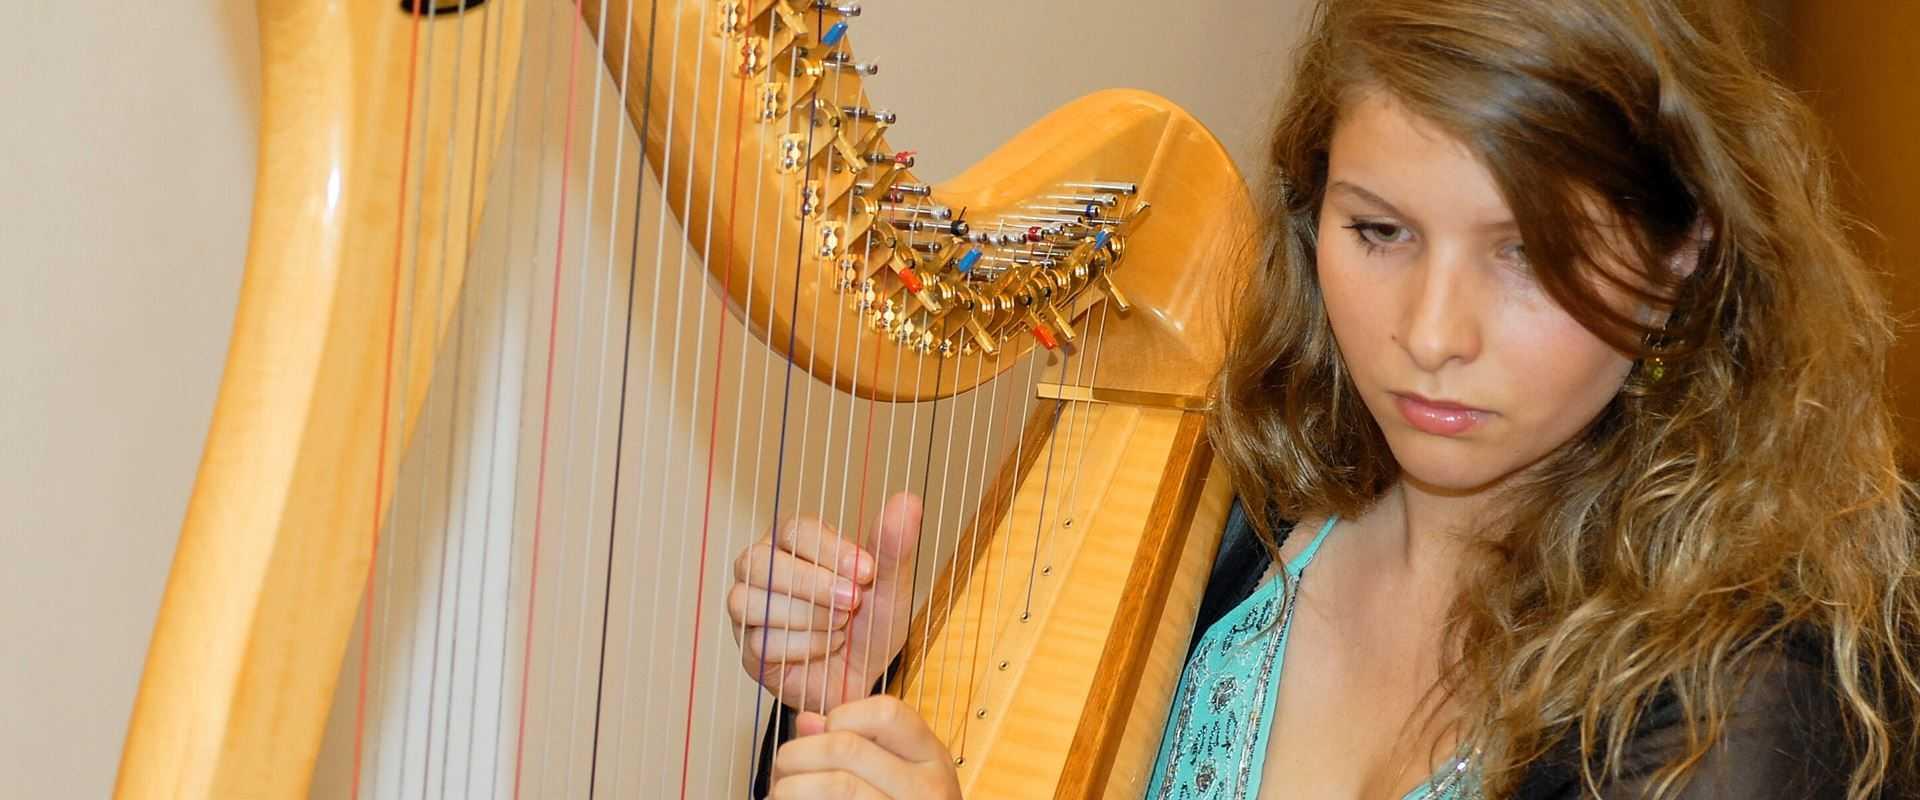 Harfenunterricht in der Musikschule Bertheau & Morgenstern